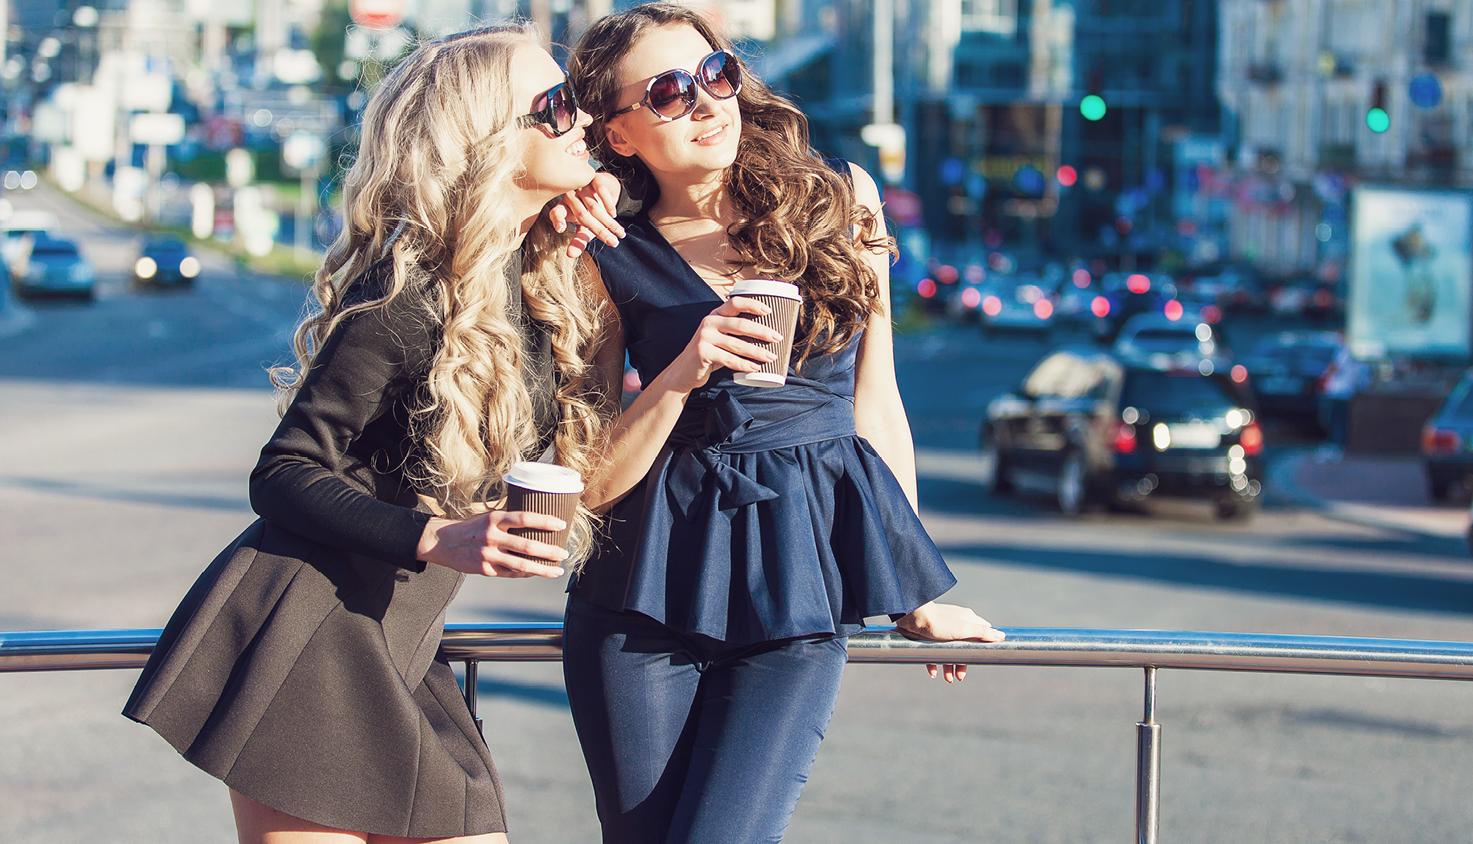 Zwei gestylte junge Frauen